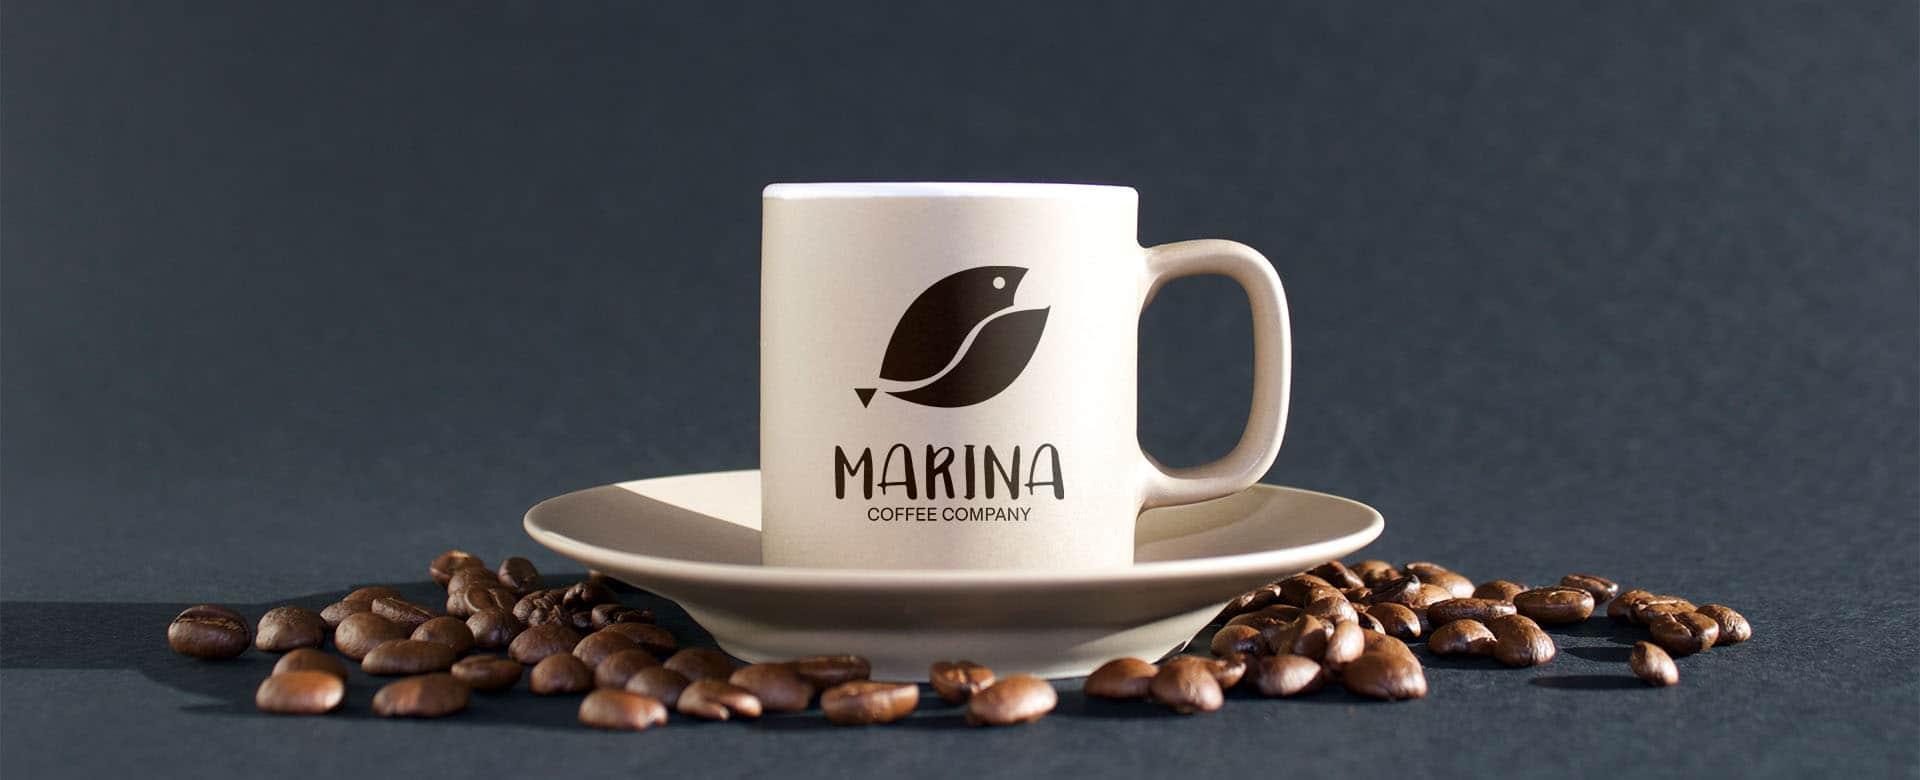 Coffee mug with a logo